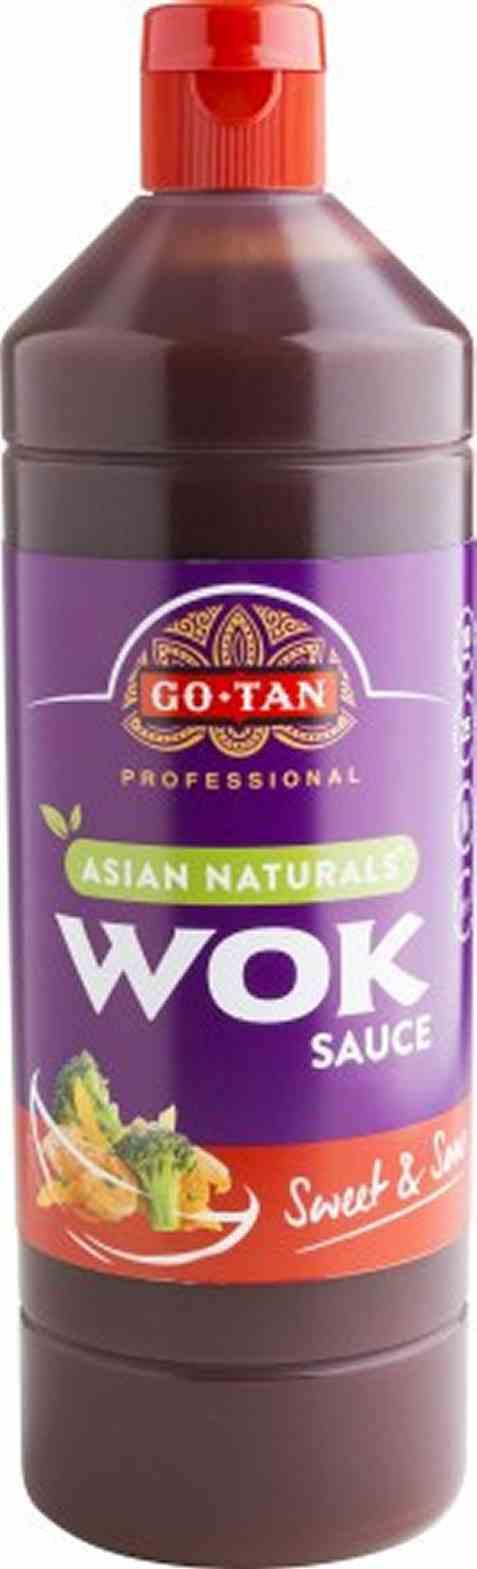 Bilde av Go-tan Asian Naturals Woksaus Sweet and Sour 1 liter.